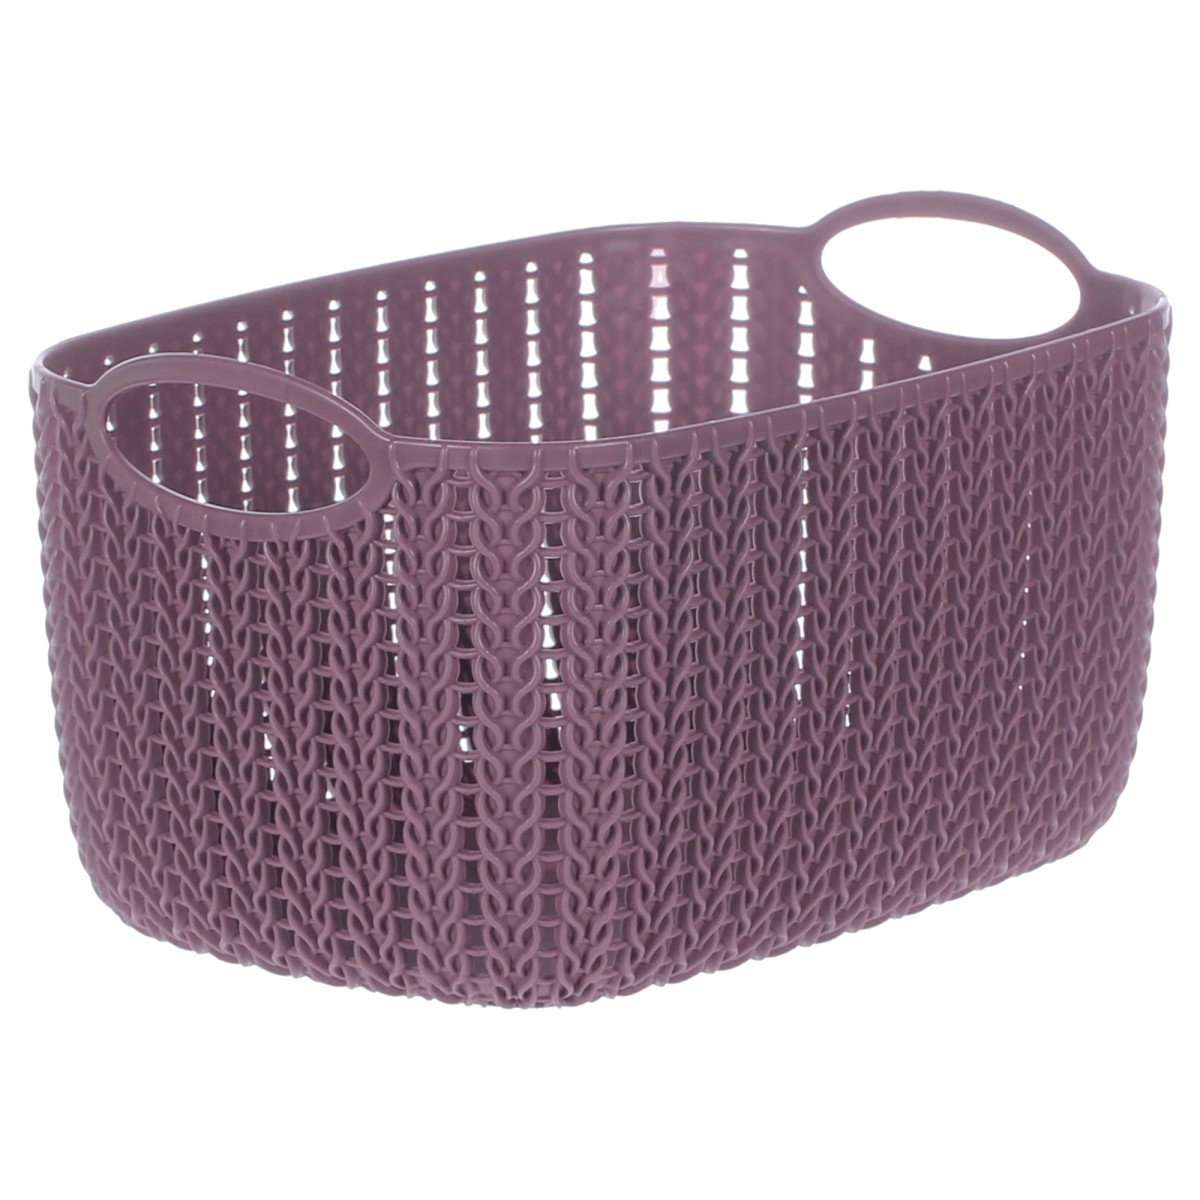 Корзина для хранения Вязание 4 л цвет пурпурный